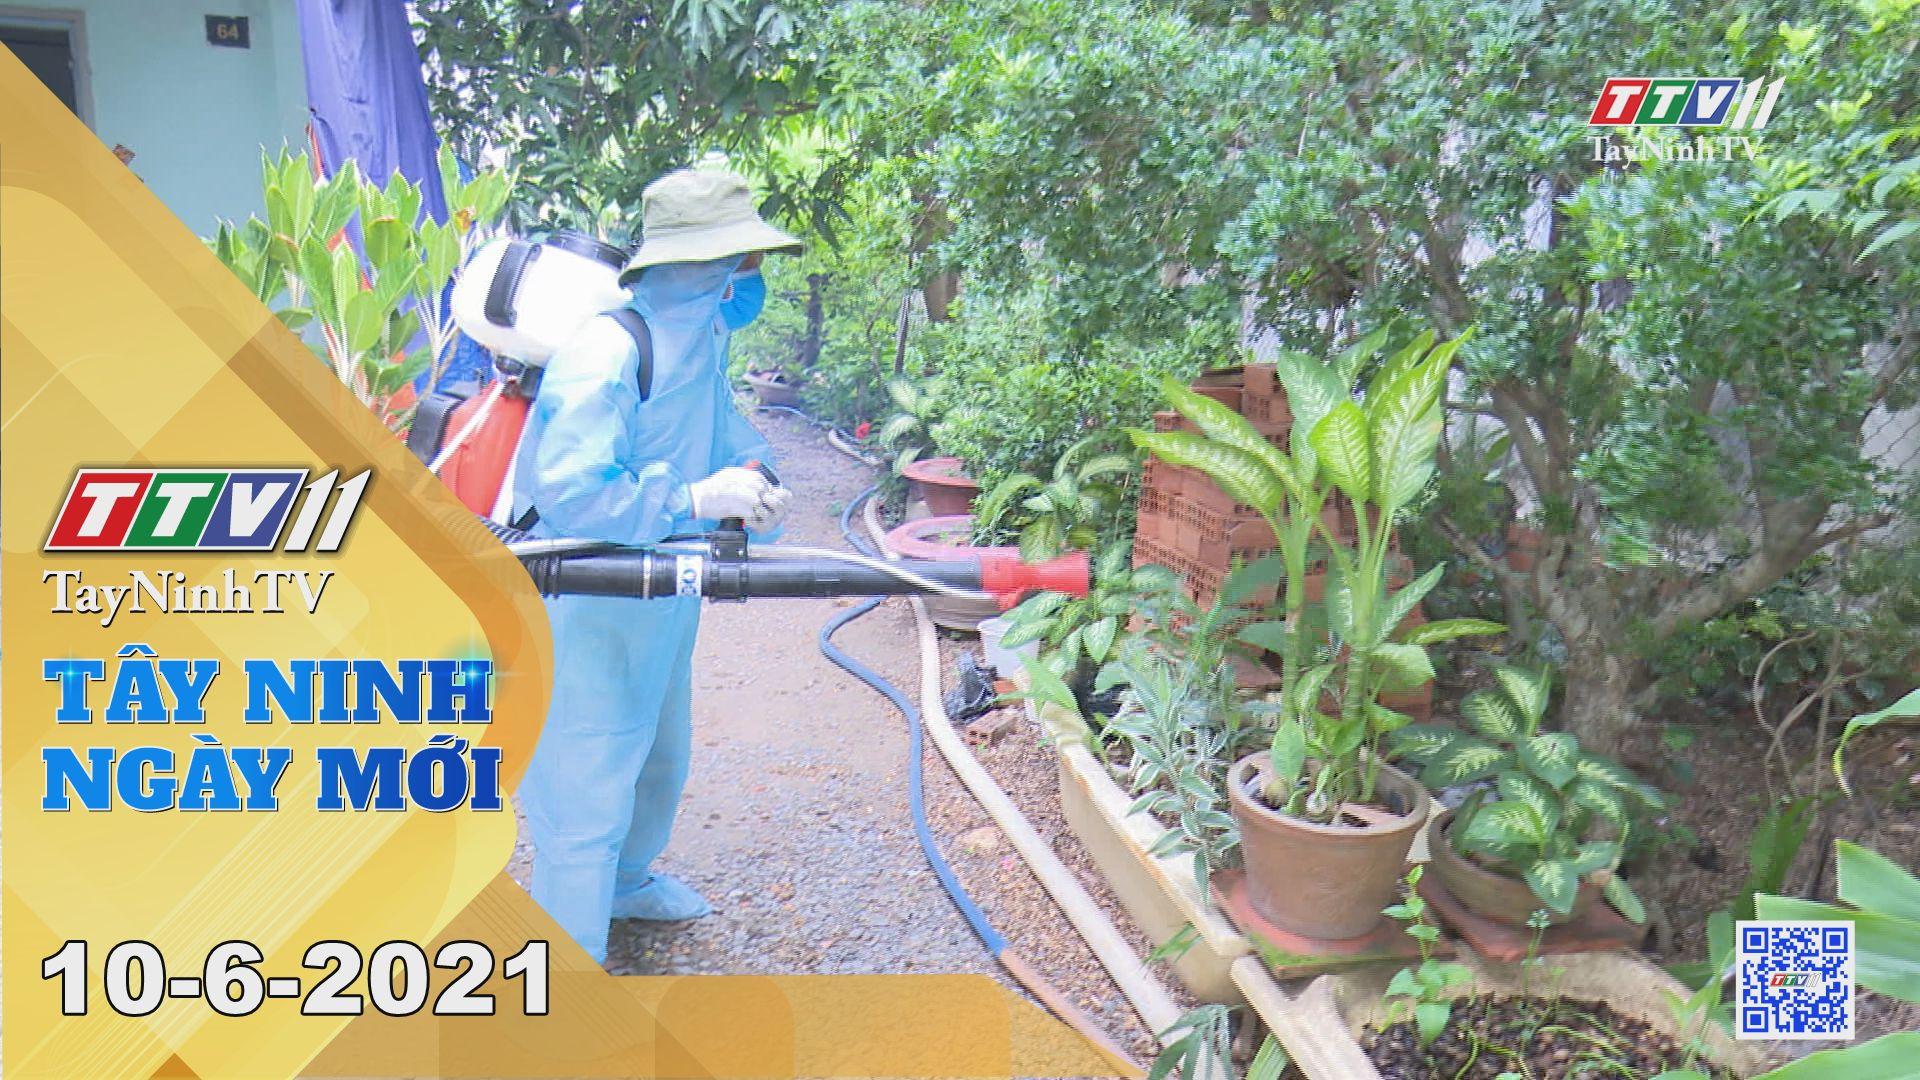 Tây Ninh Ngày Mới 10-6-2021 | Tin tức hôm nay | TayNinhTV